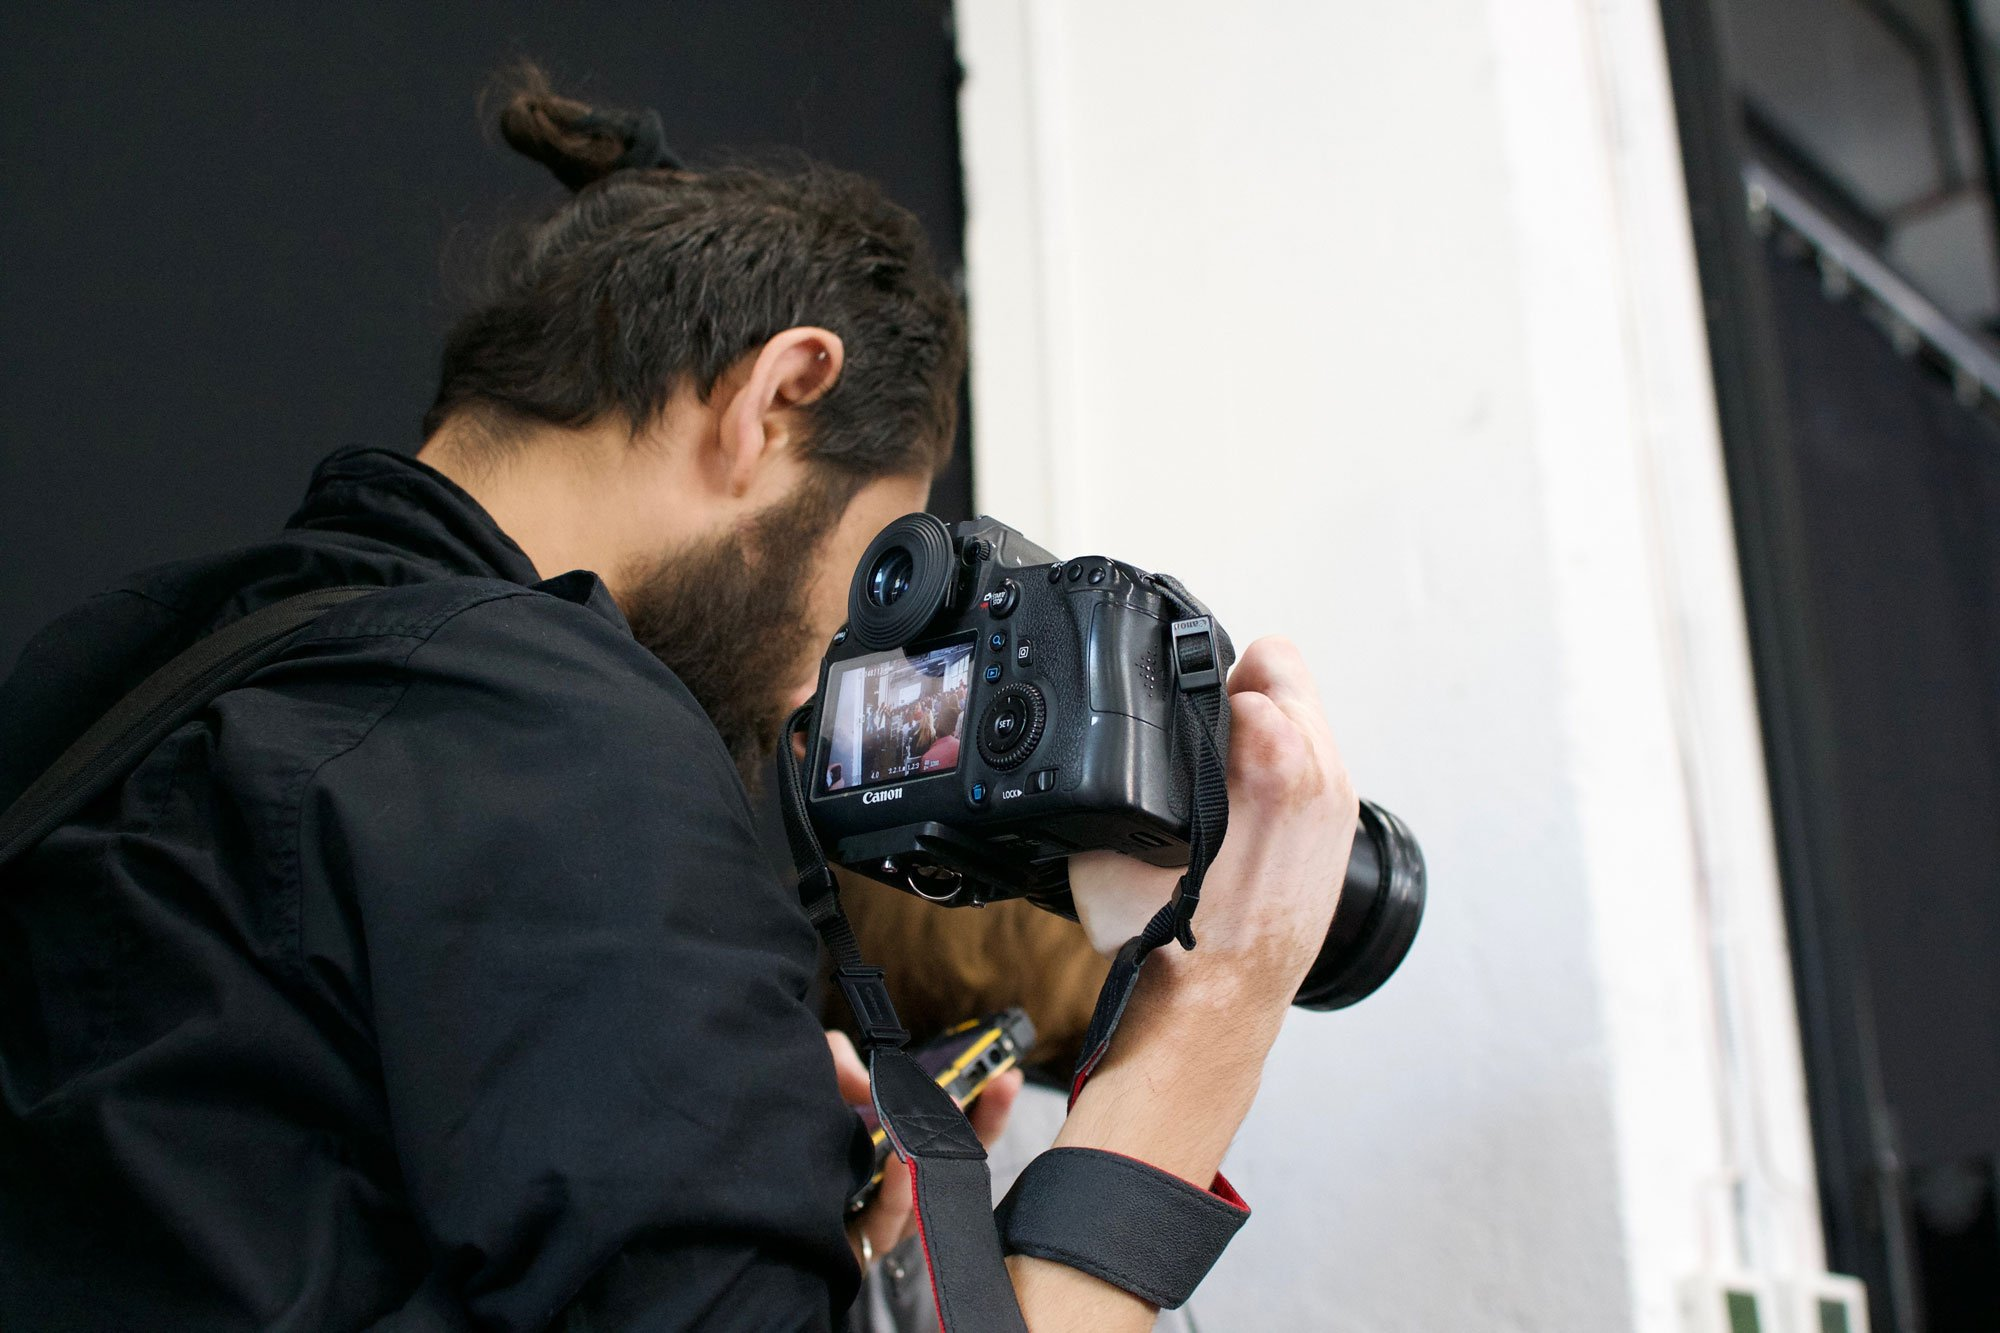 Fotograf macht Multimediaaufnahmen